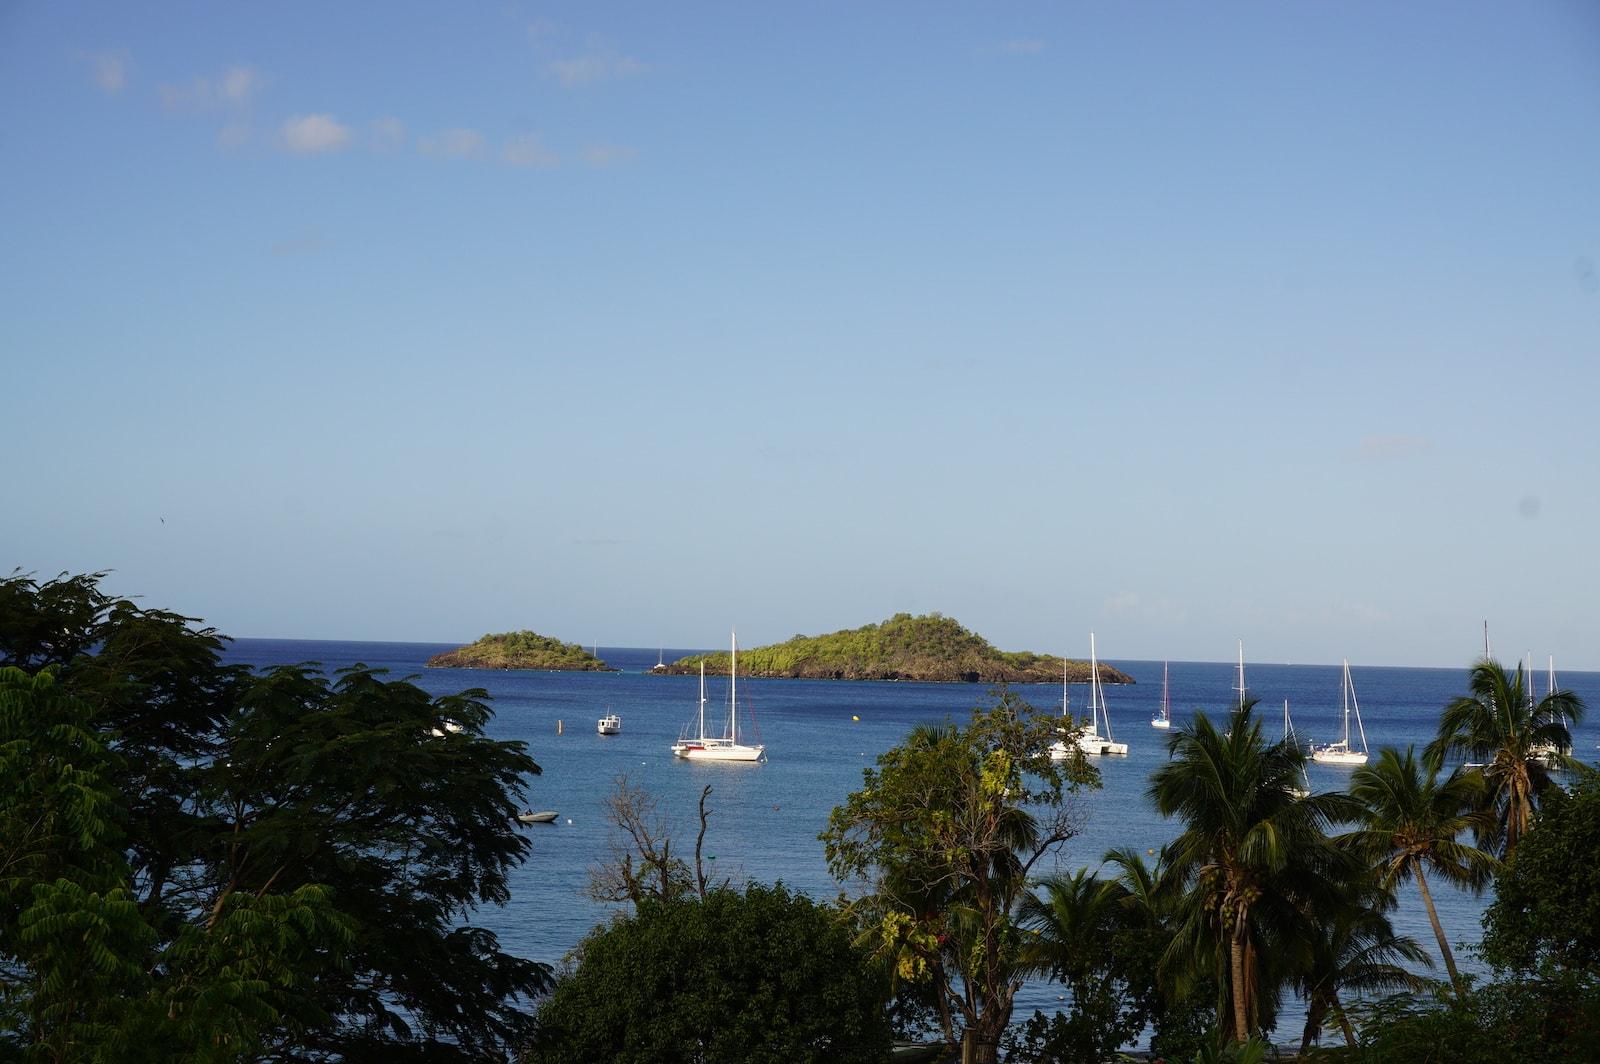 Les Ilets Pigeon à Malendure, spot de plongée en Guadeloupe